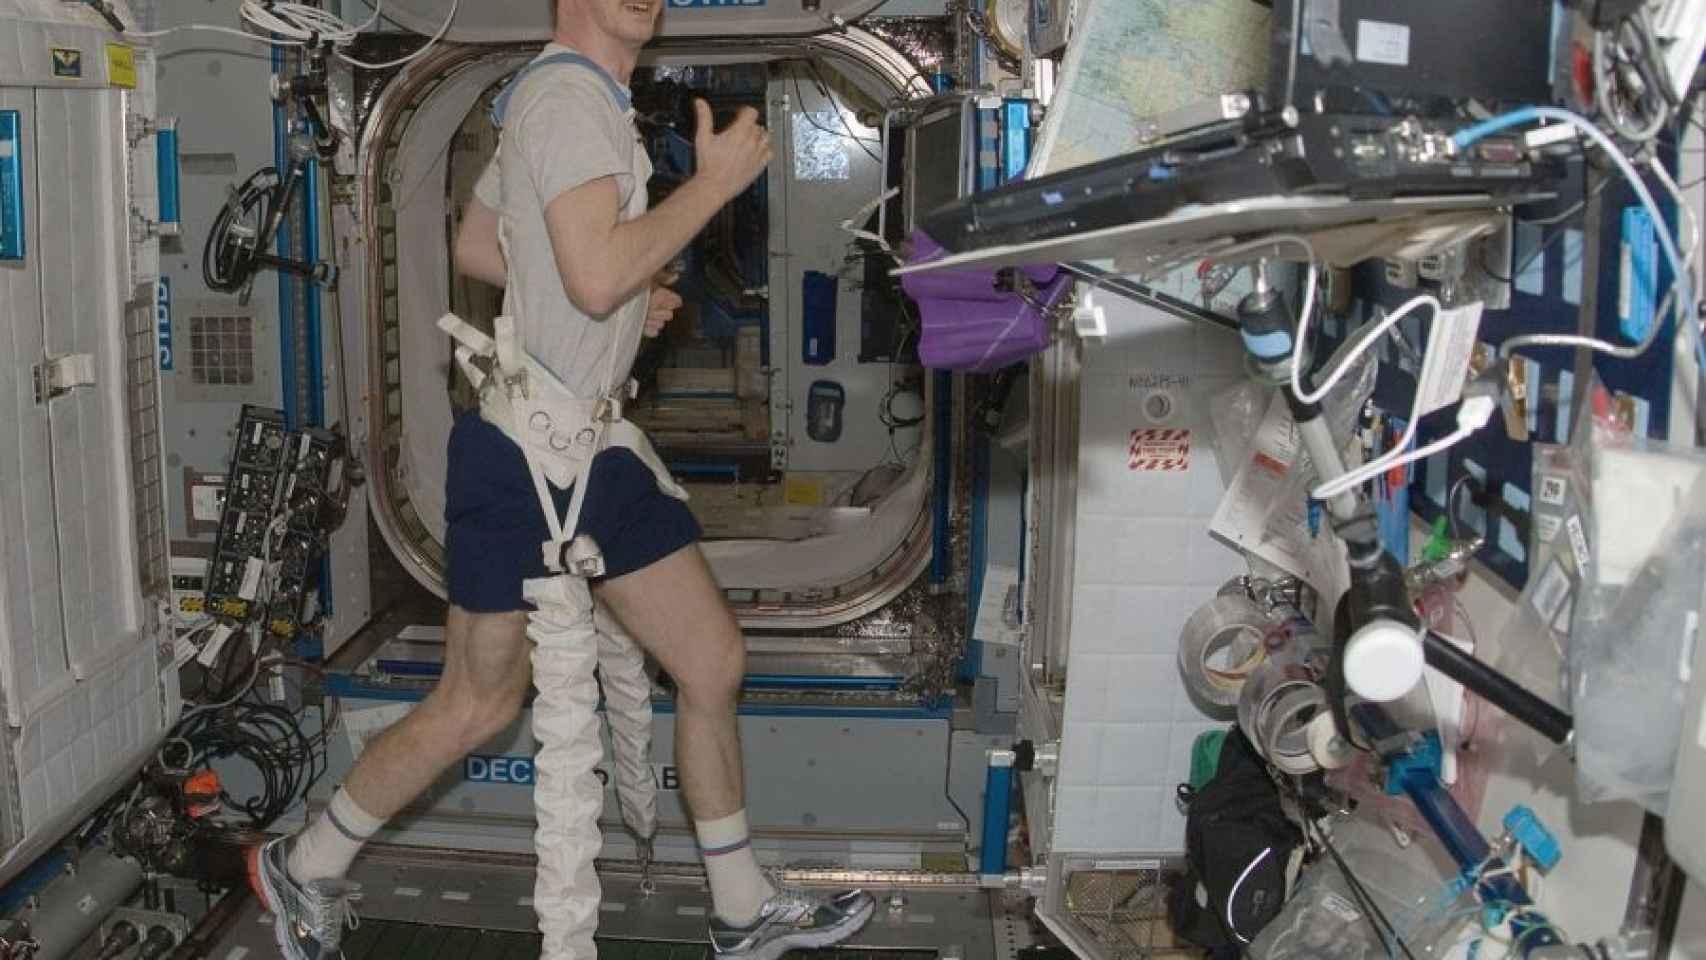 El astronauta Frank de Winne ejercitando los músculos para evitar la atrofia en la ISS